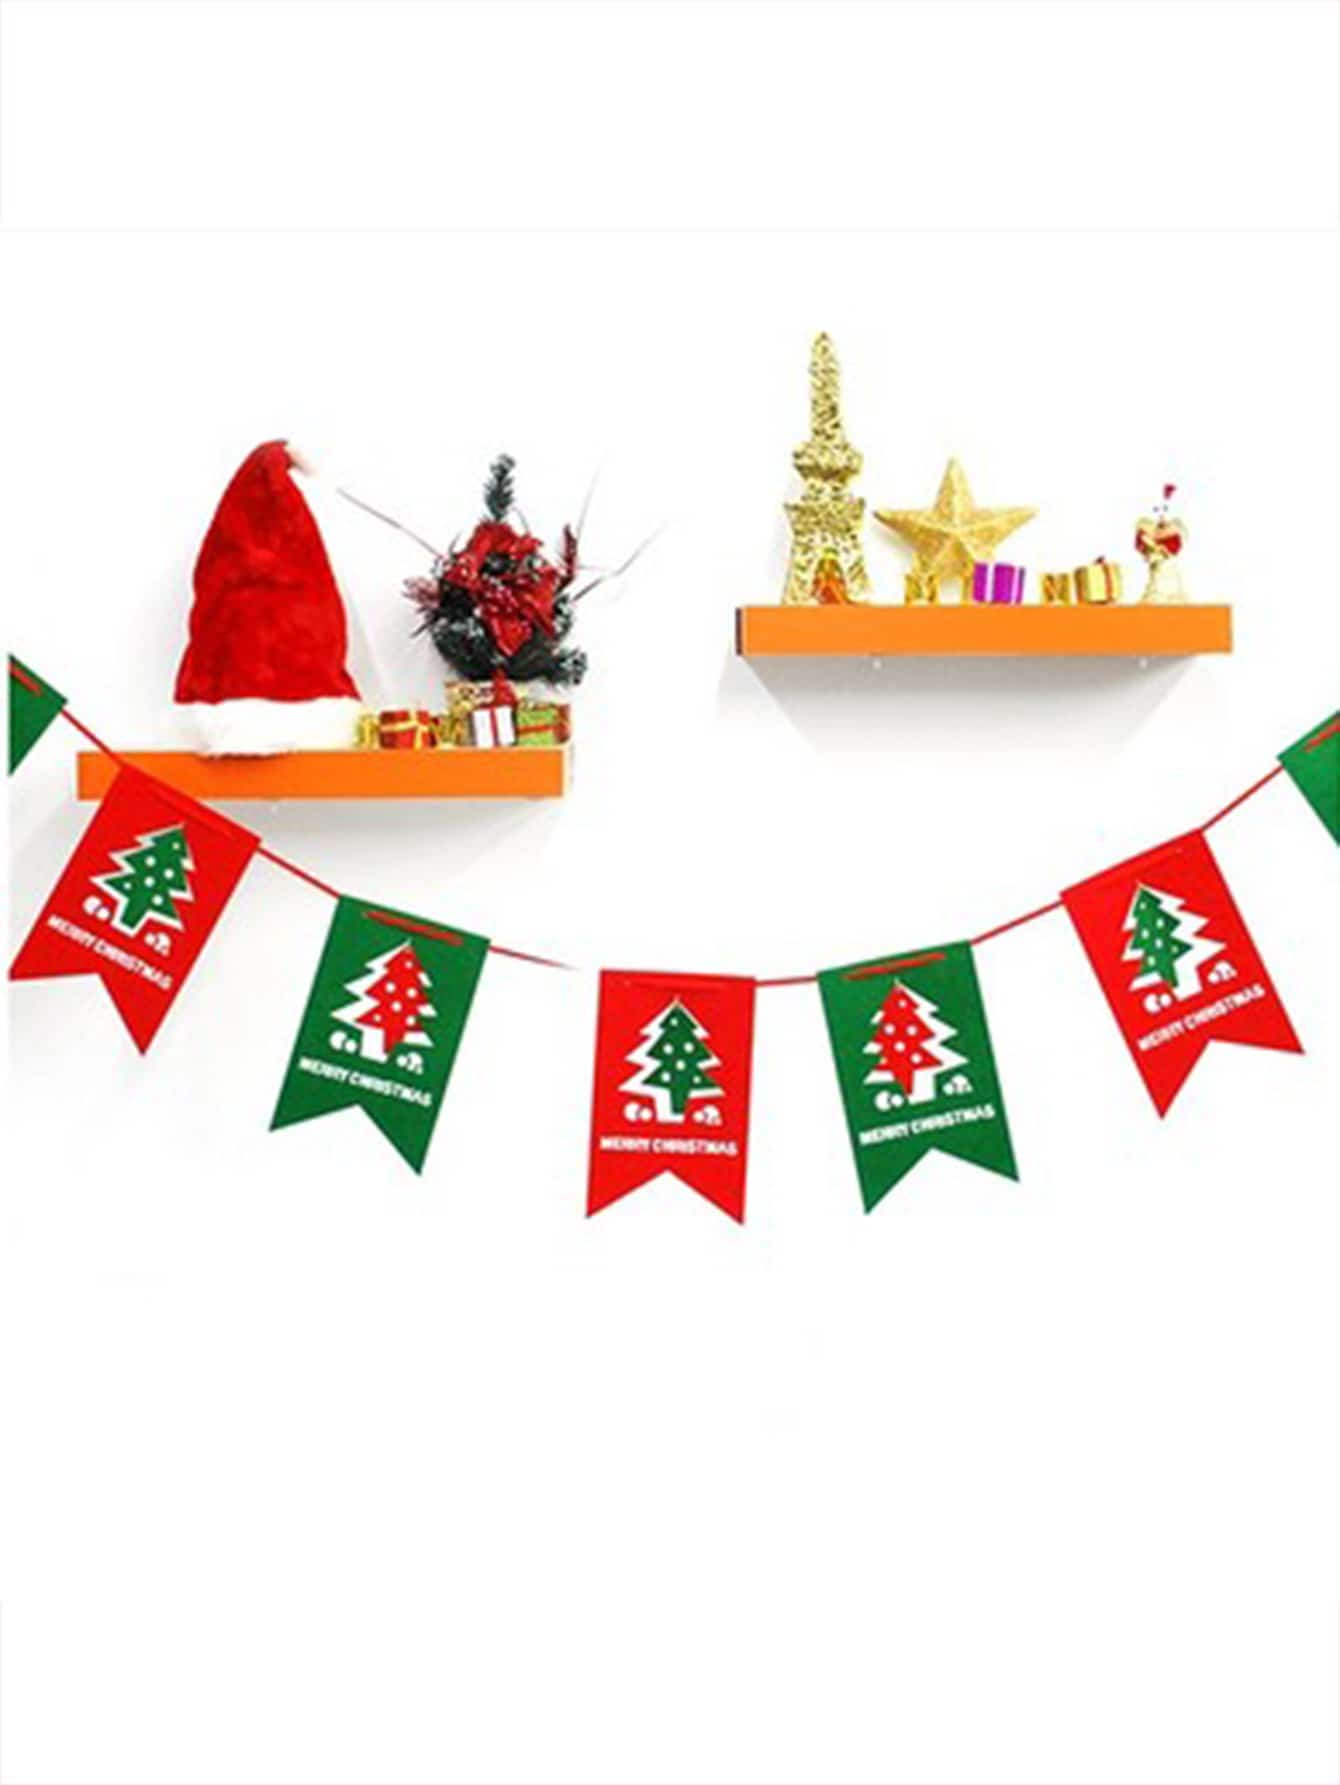 Купить Флаг в форме рождественских деревьев 8 шт с верёвкой, null, SheIn